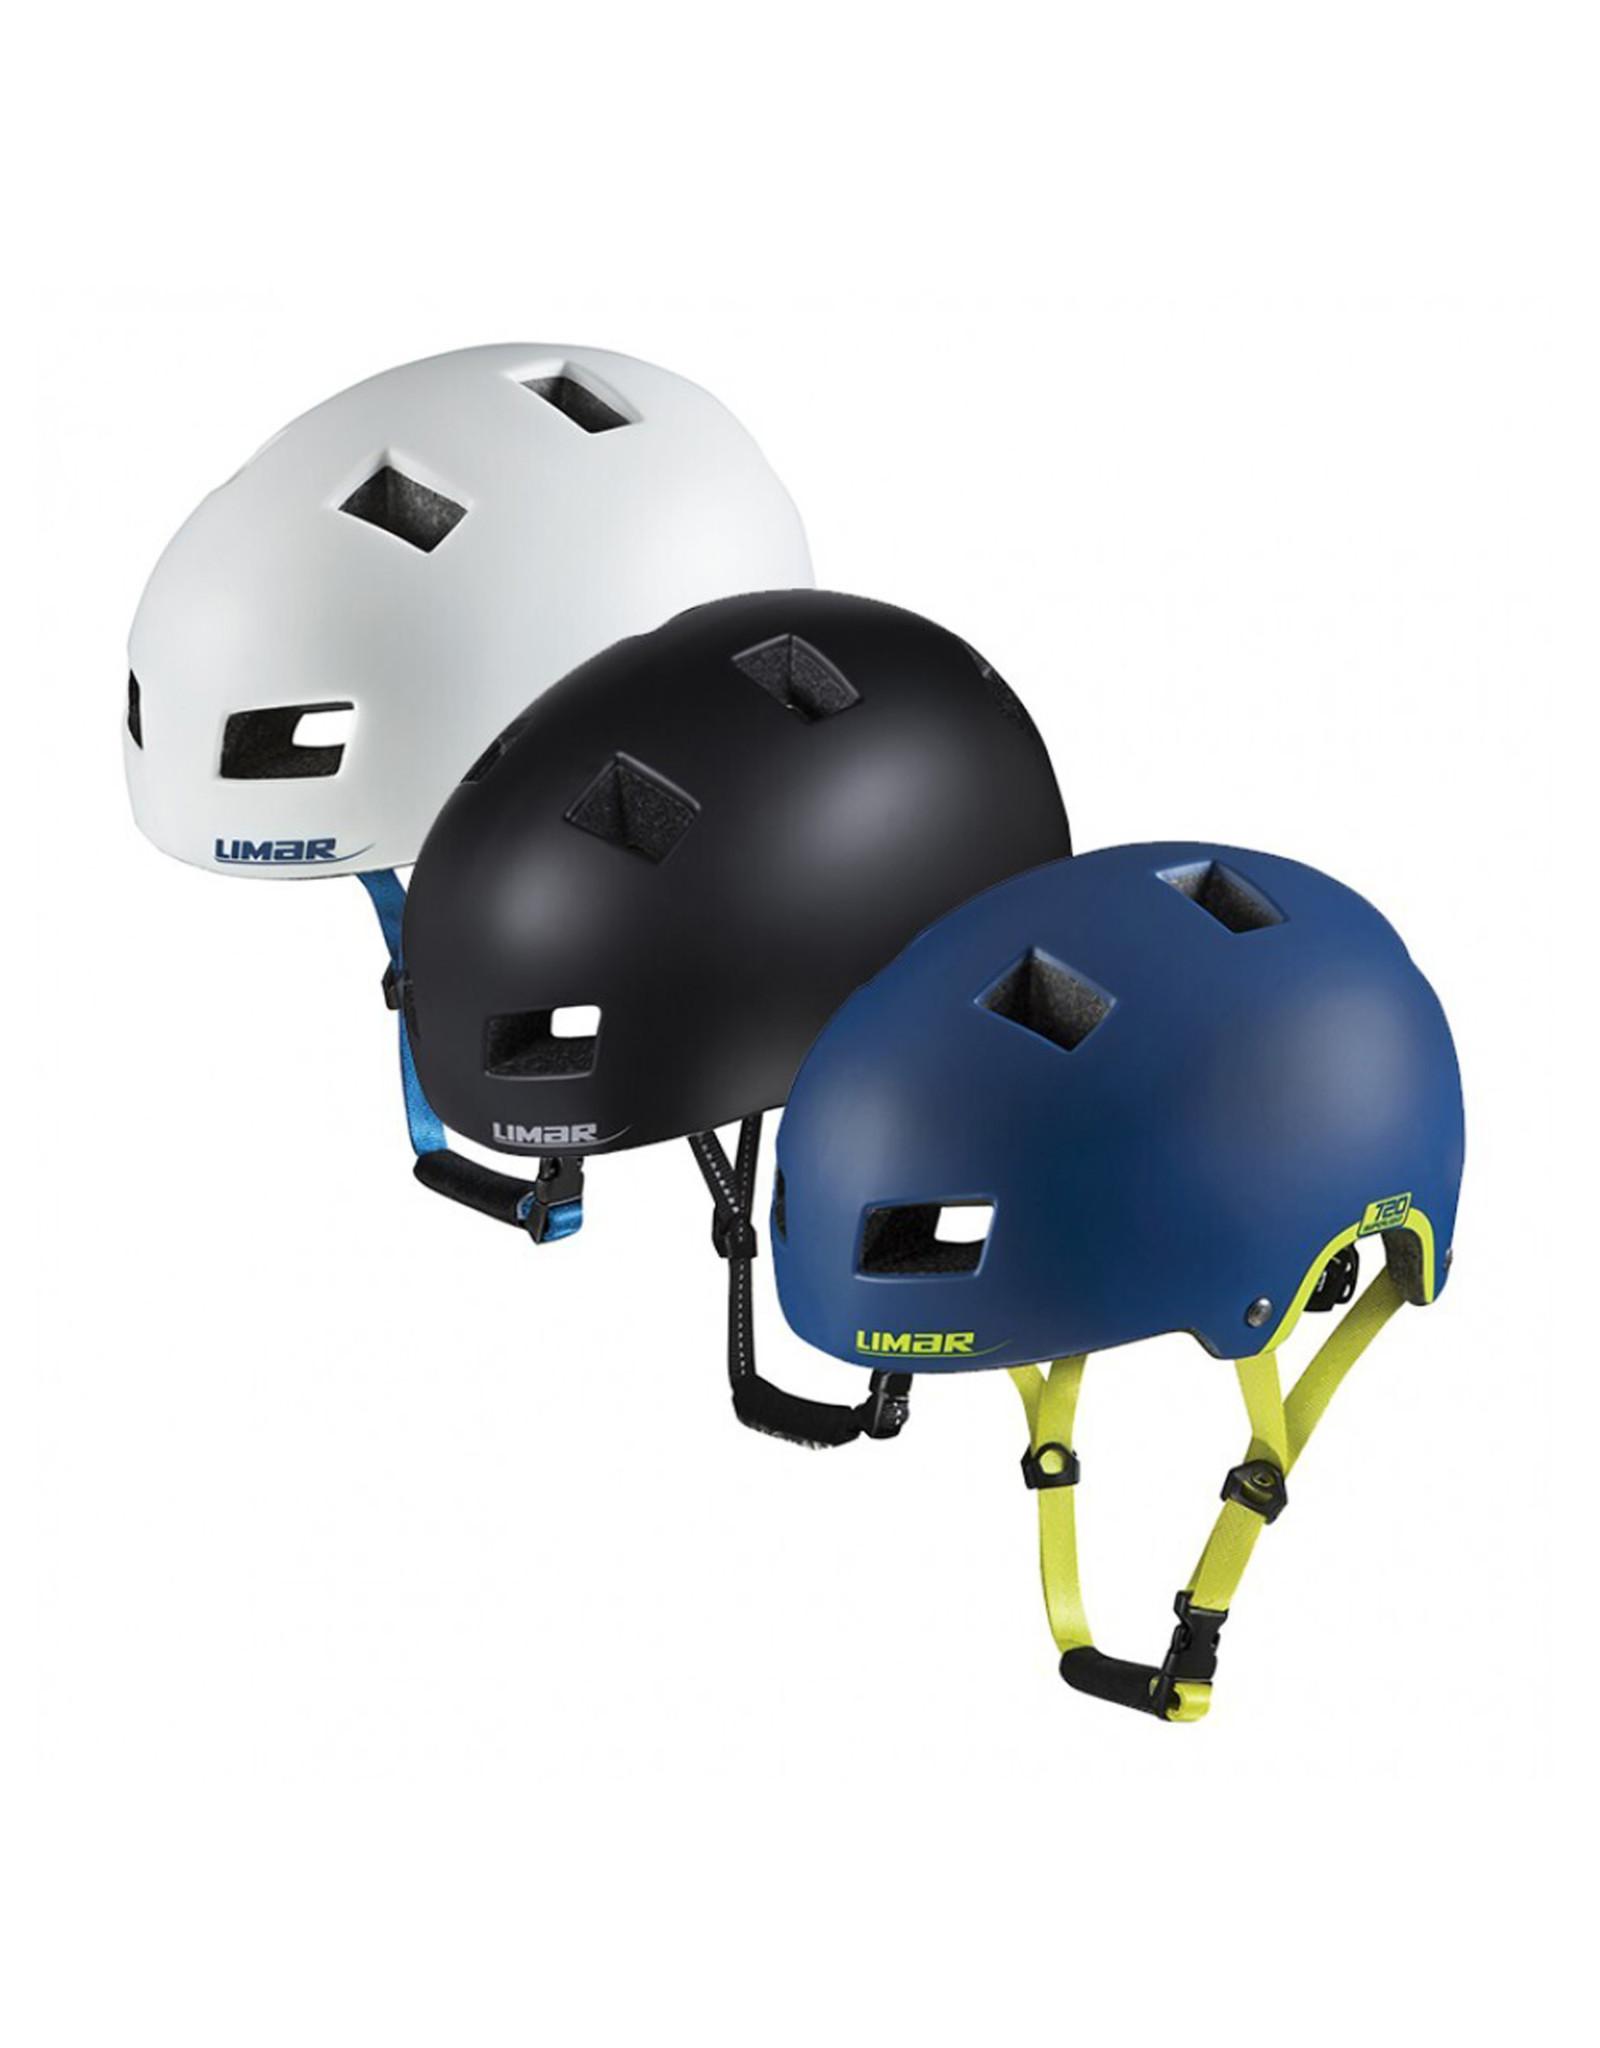 Limar 720 Superlight Urban Skate Helmet